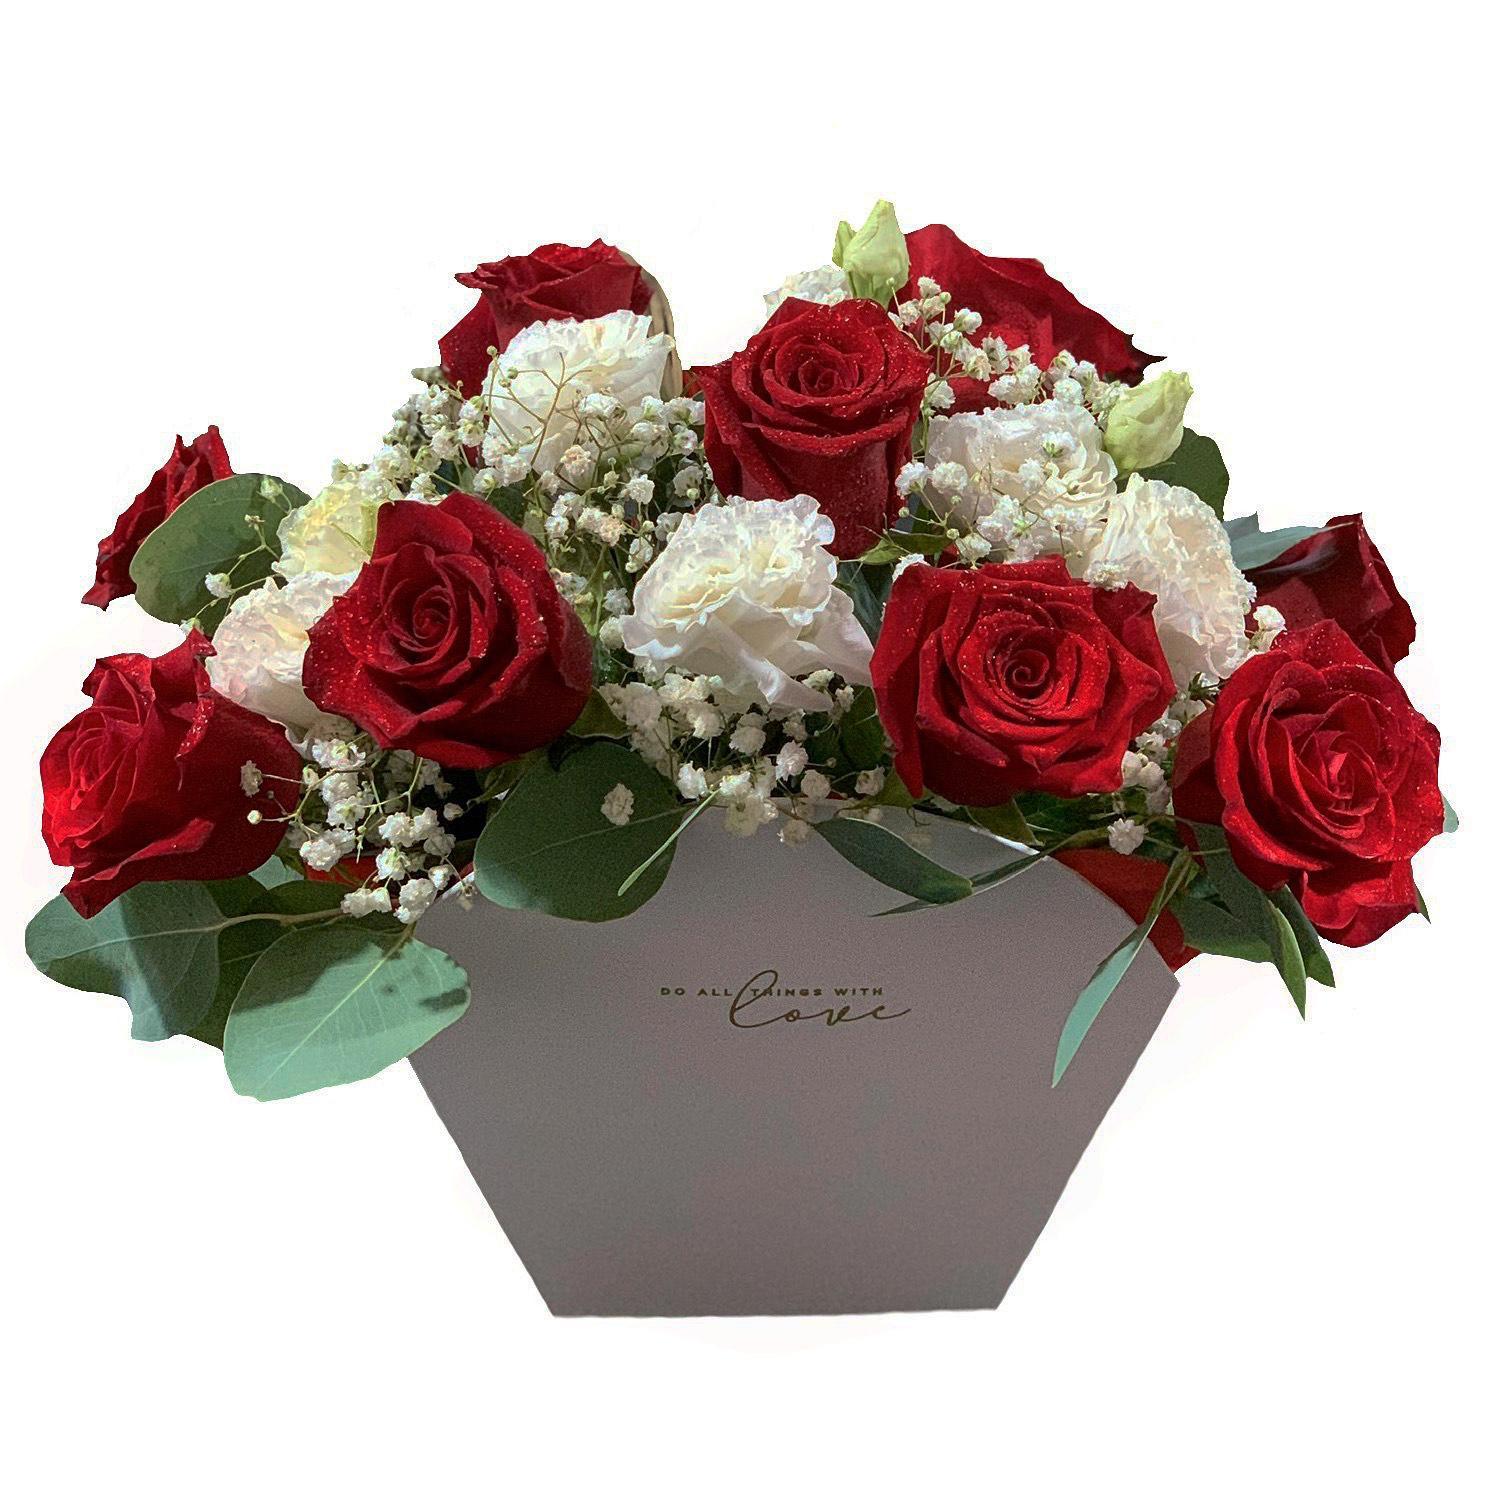 Aranjament cu trandafiri rosii in cutie semi-ovala